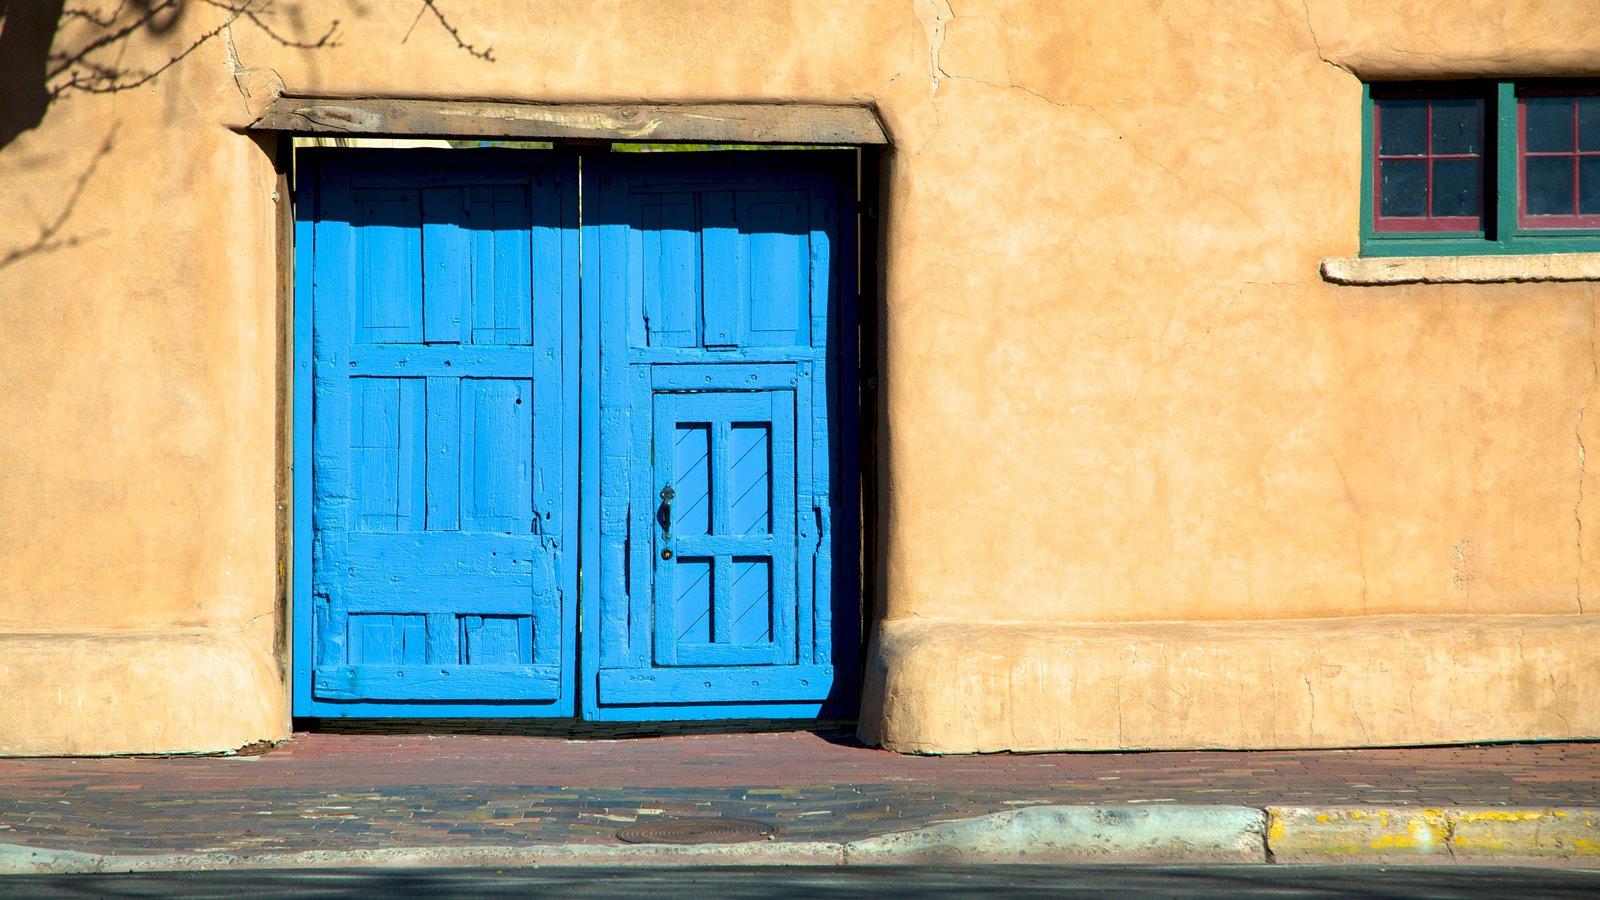 New Mexico Museum of Art ofreciendo escenas urbanas